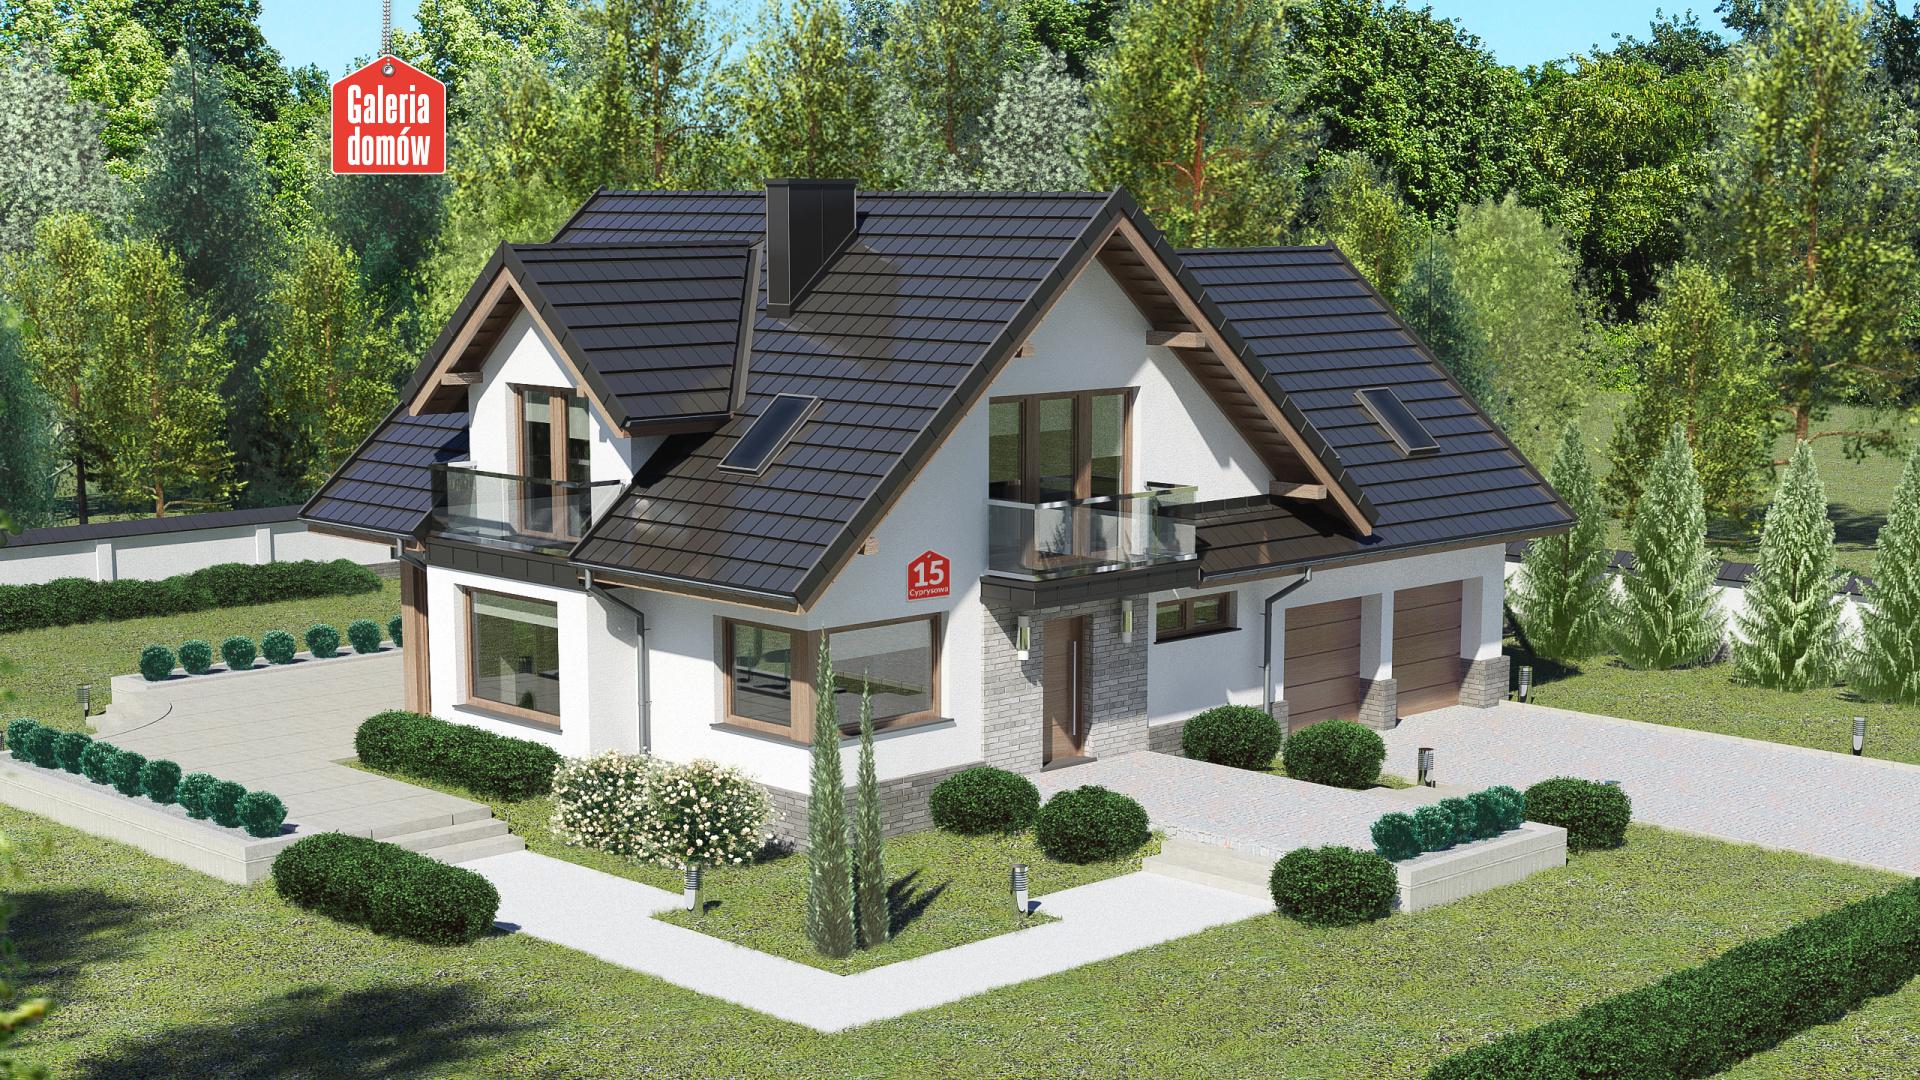 Dom przy Cyprysowej 15 K6 - zdjęcie projektu i wizualizacja